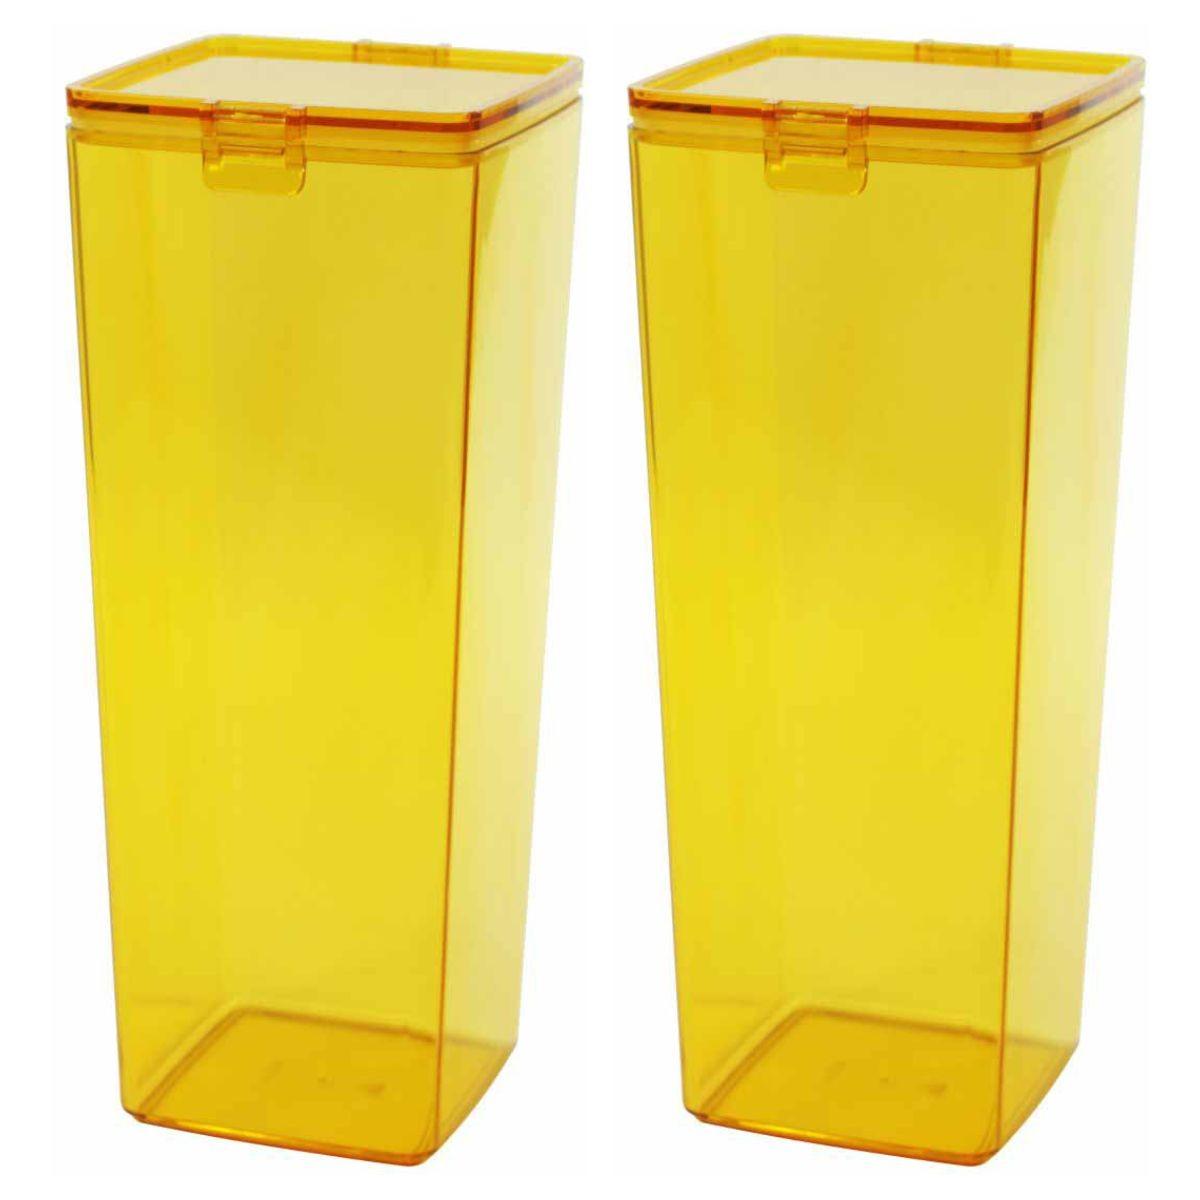 Kit 2 Potes Herméticos 3 Litros Plástico Tampa e Trava Lanches